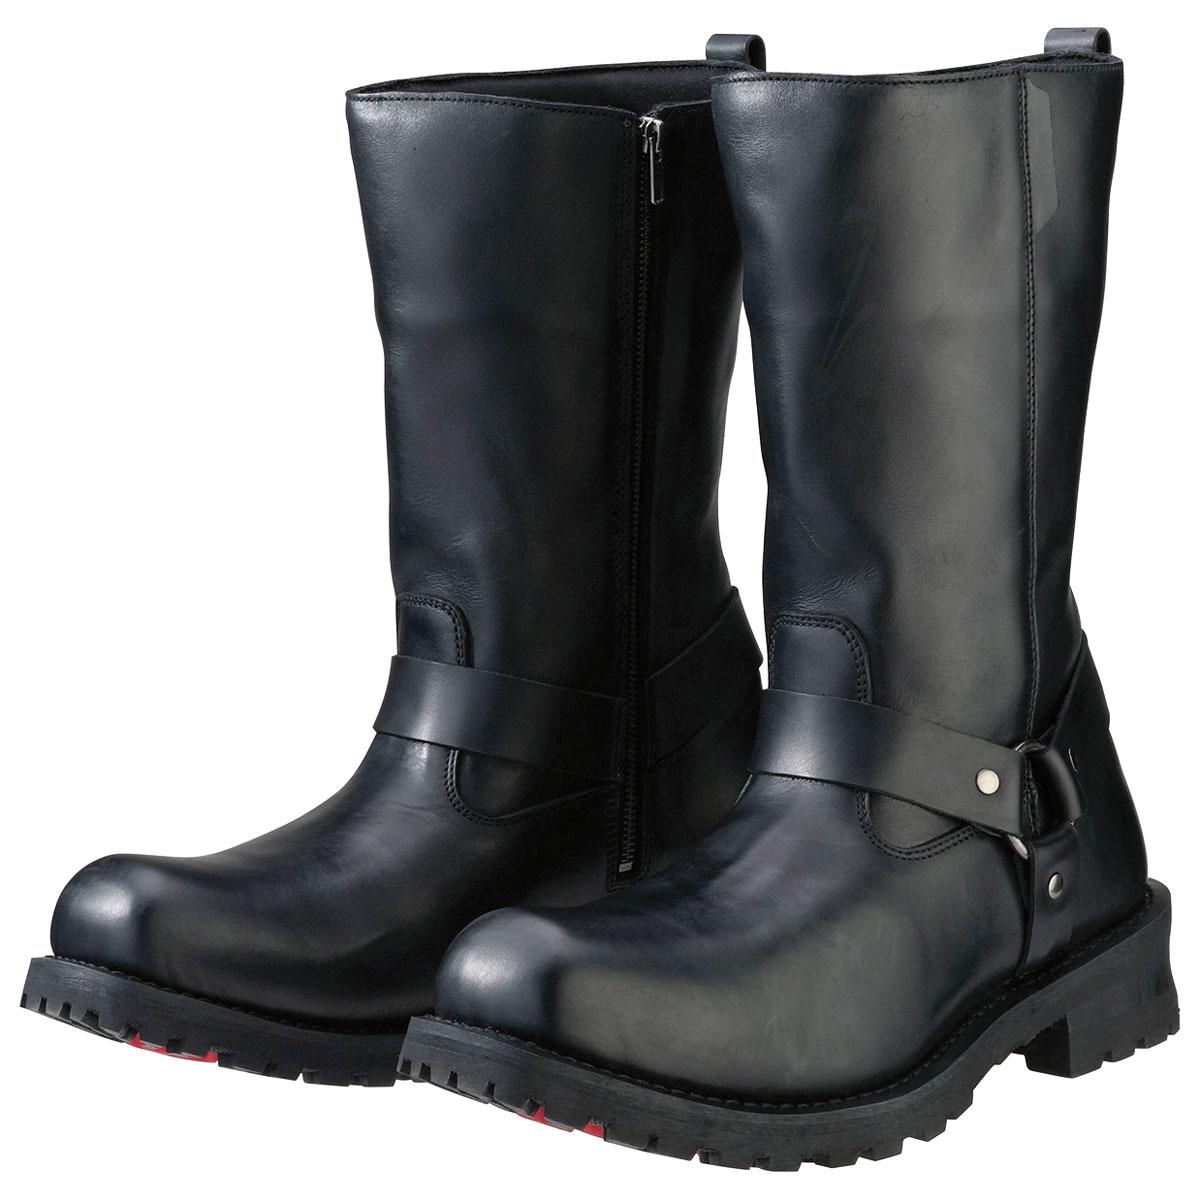 Z1R Men's Riot Black Leather Boots